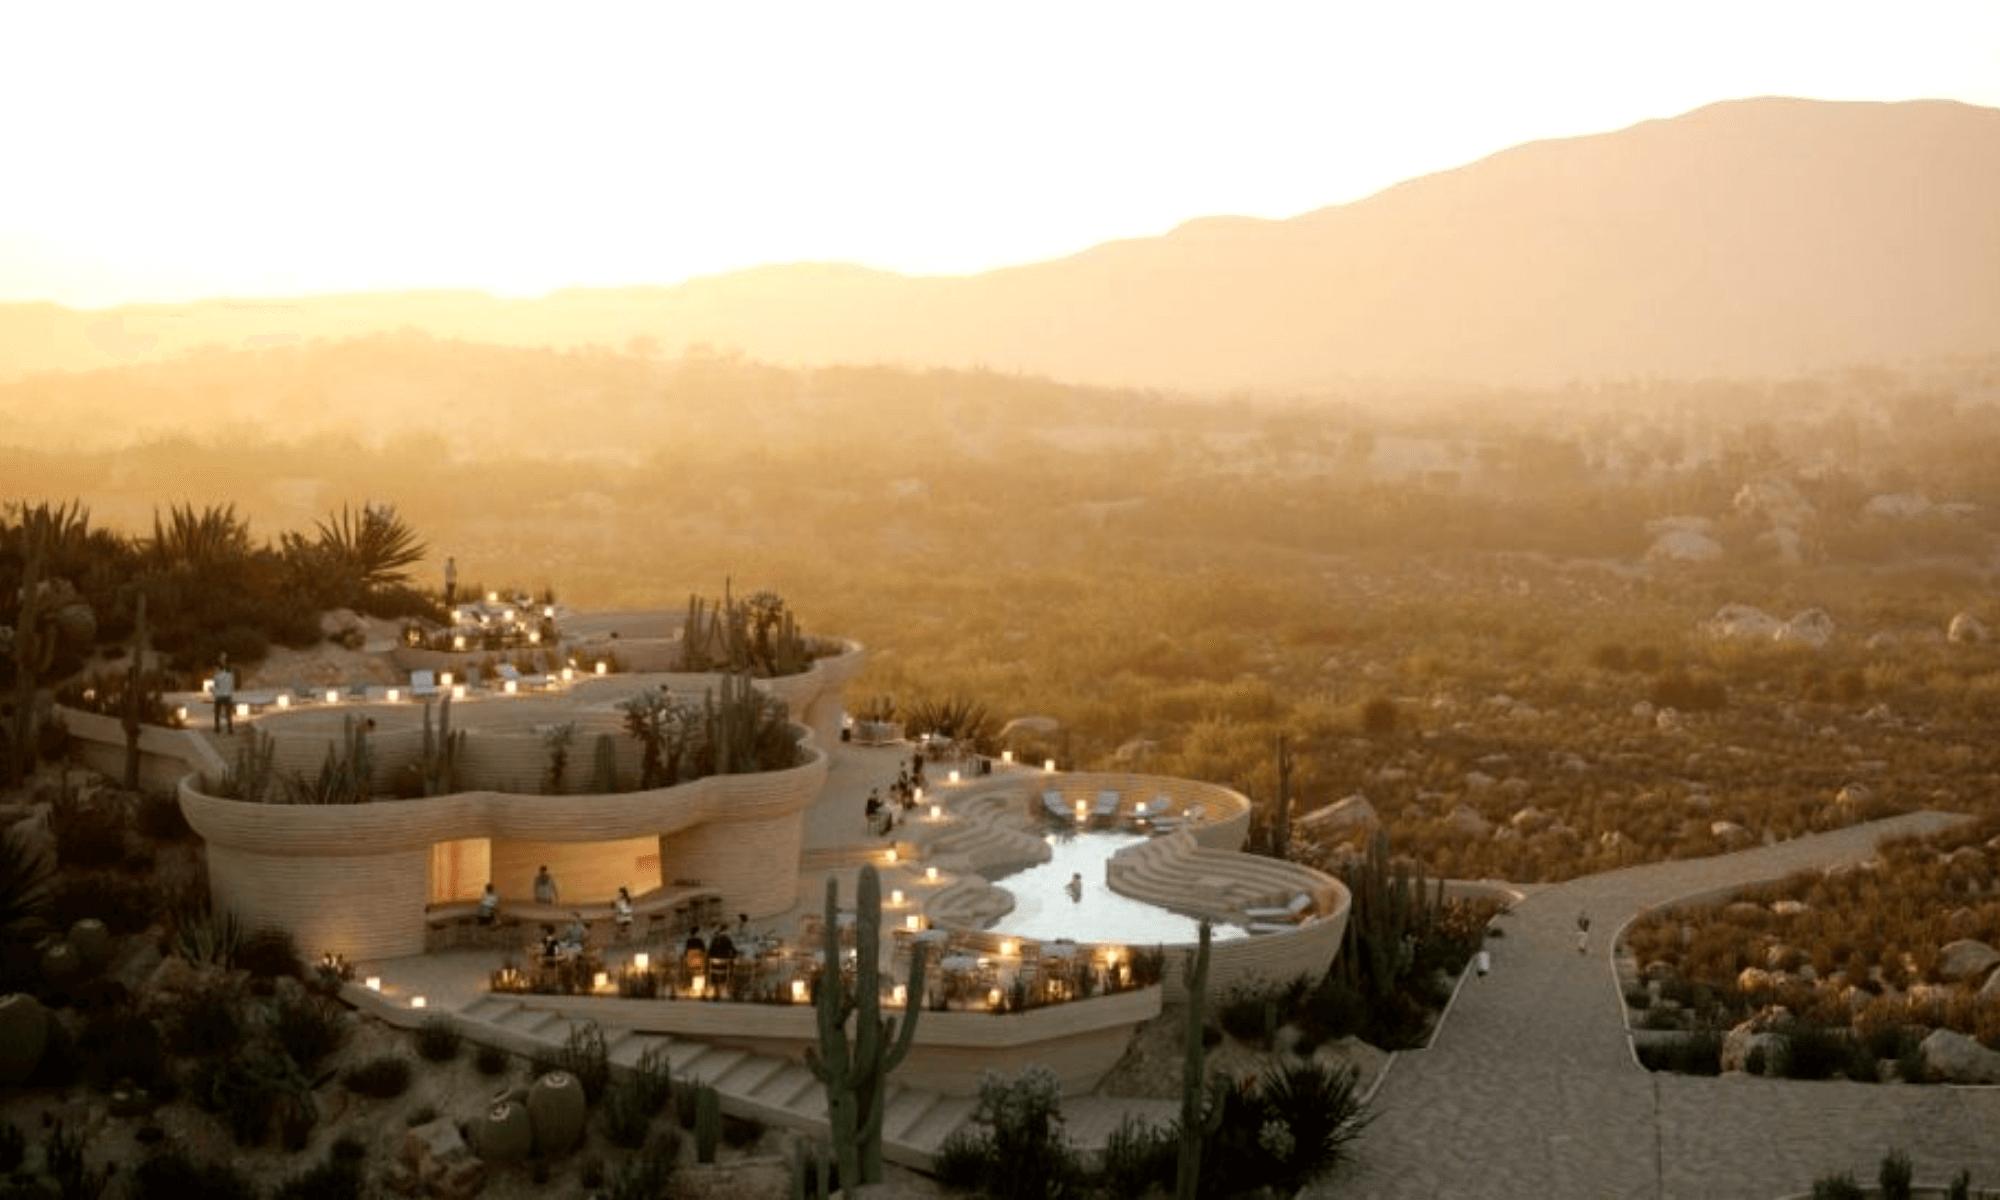 Proyecto Ummara Una propuesta para refugiarse en la Ruta del Vino y disfrutar las mejores vistas del Valle de Guadalupe 1